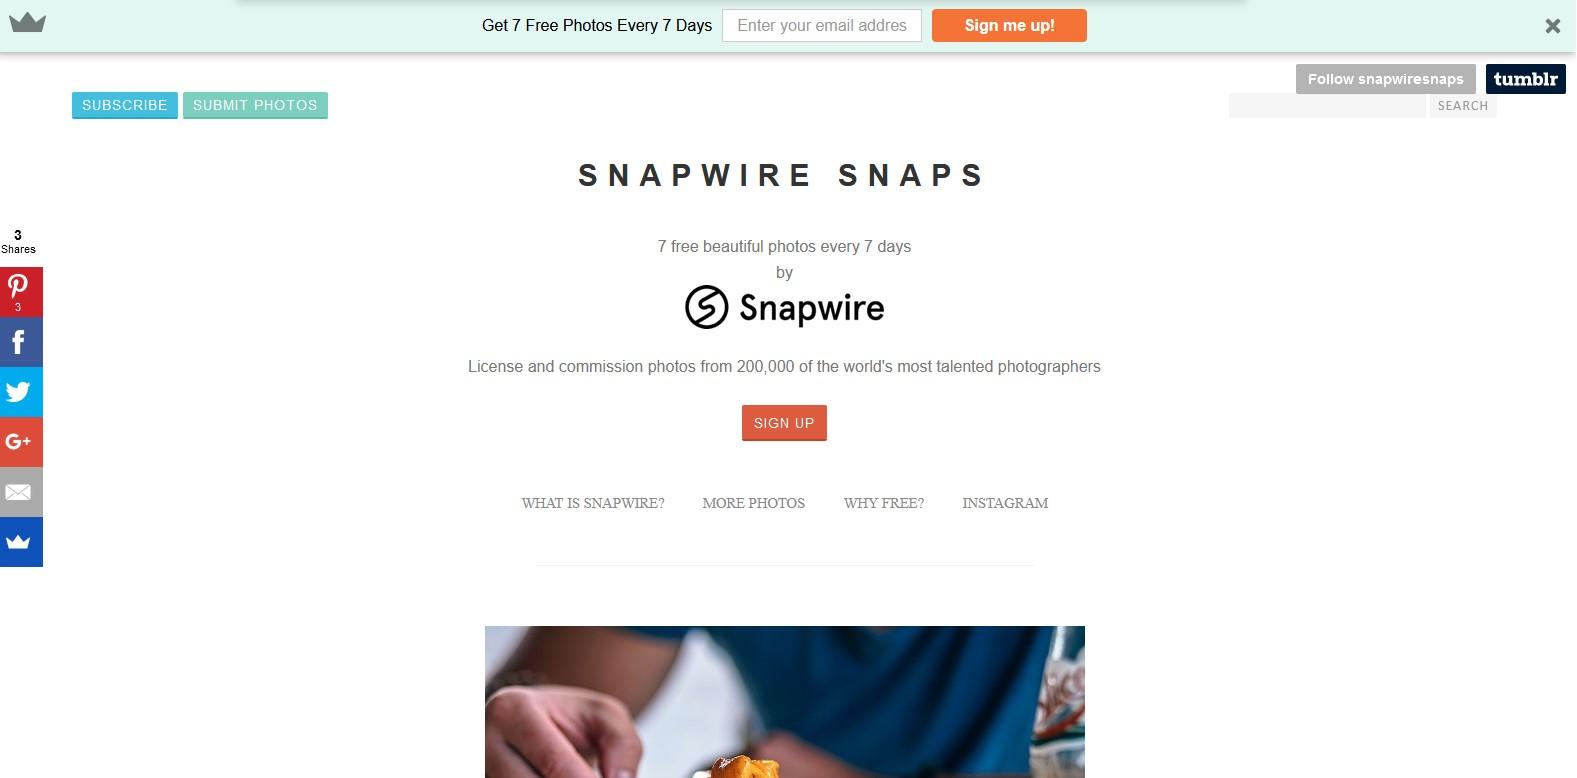 snapwire_decryptinfo